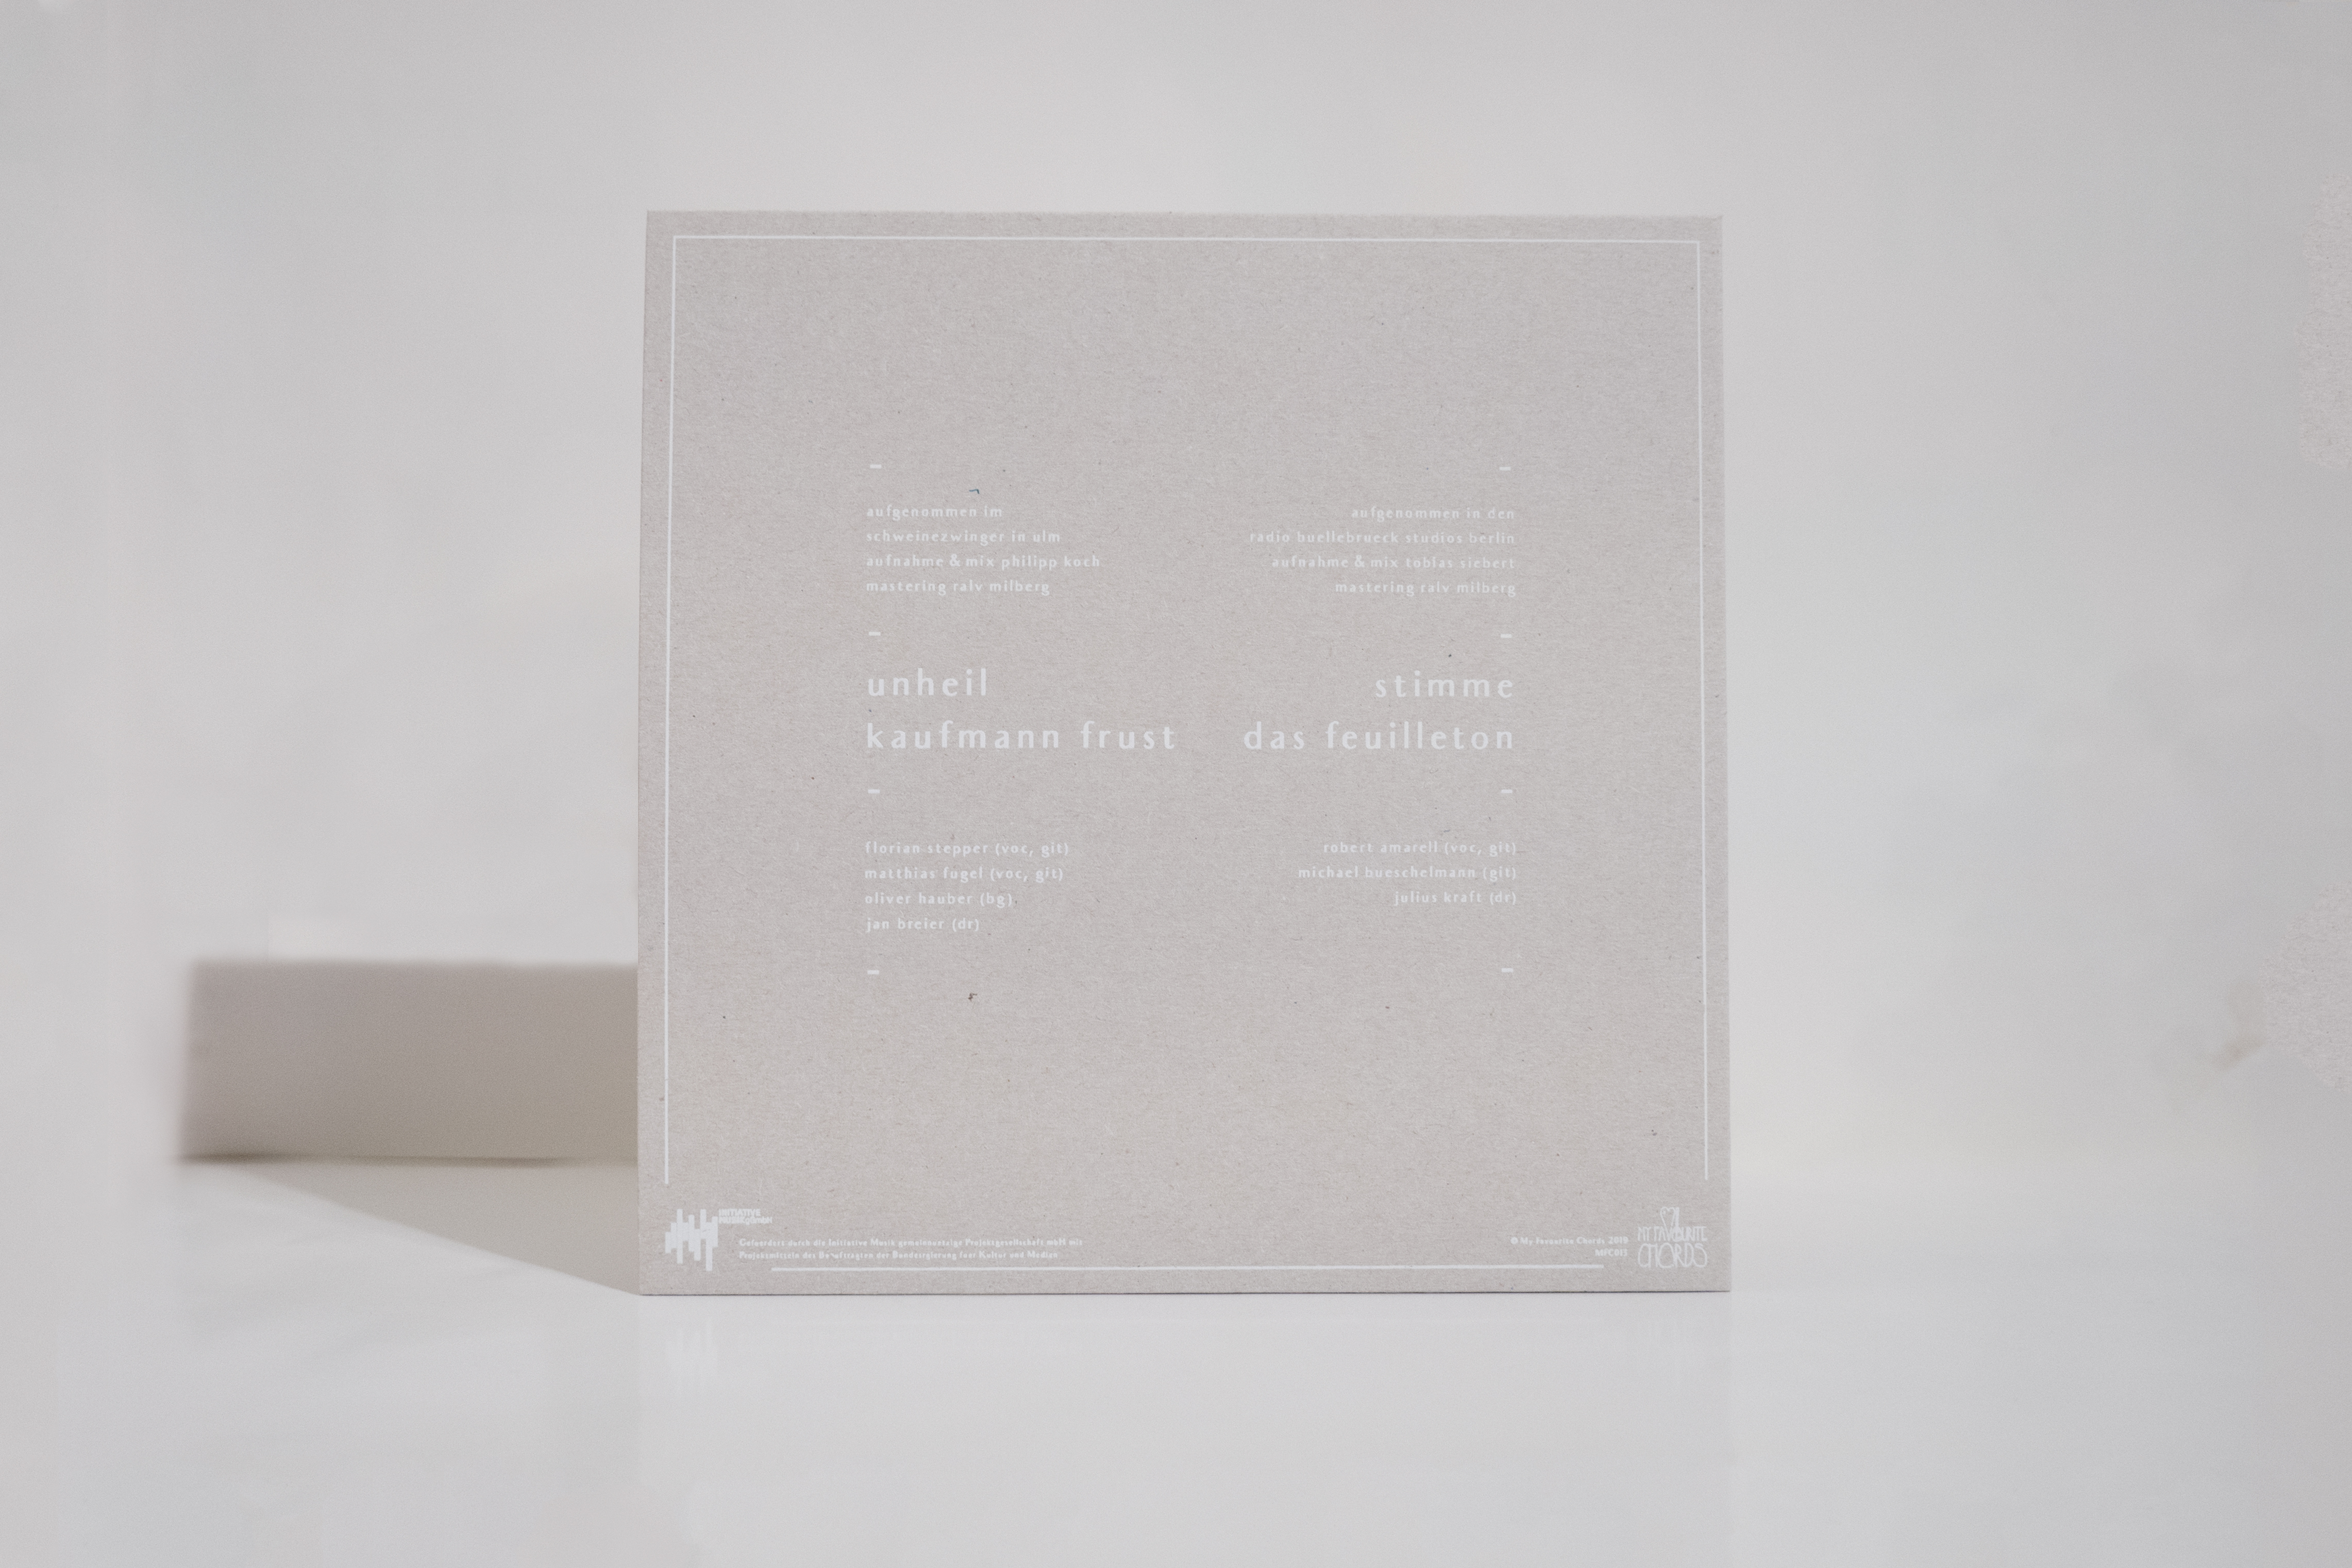 Kaufmann Frust / Das Feuilleton - Split 7